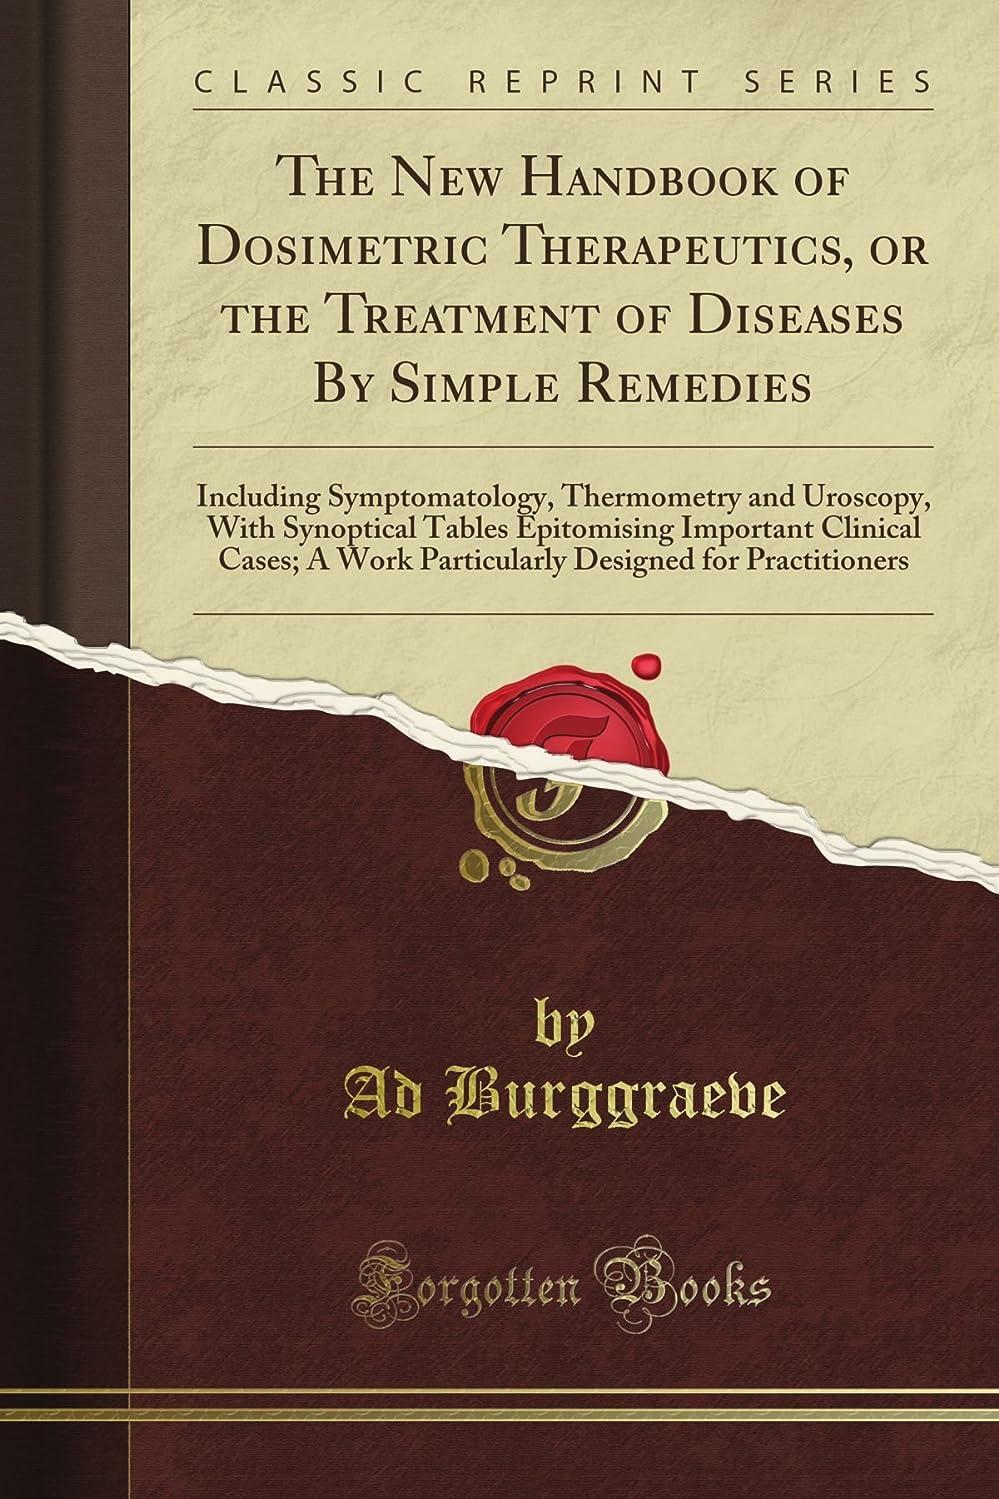 共和国ニンニク会うThe New Handbook of Dosimetric Therapeutics, or the Treatment of Diseases By Simple Remedies (Classic Reprint)